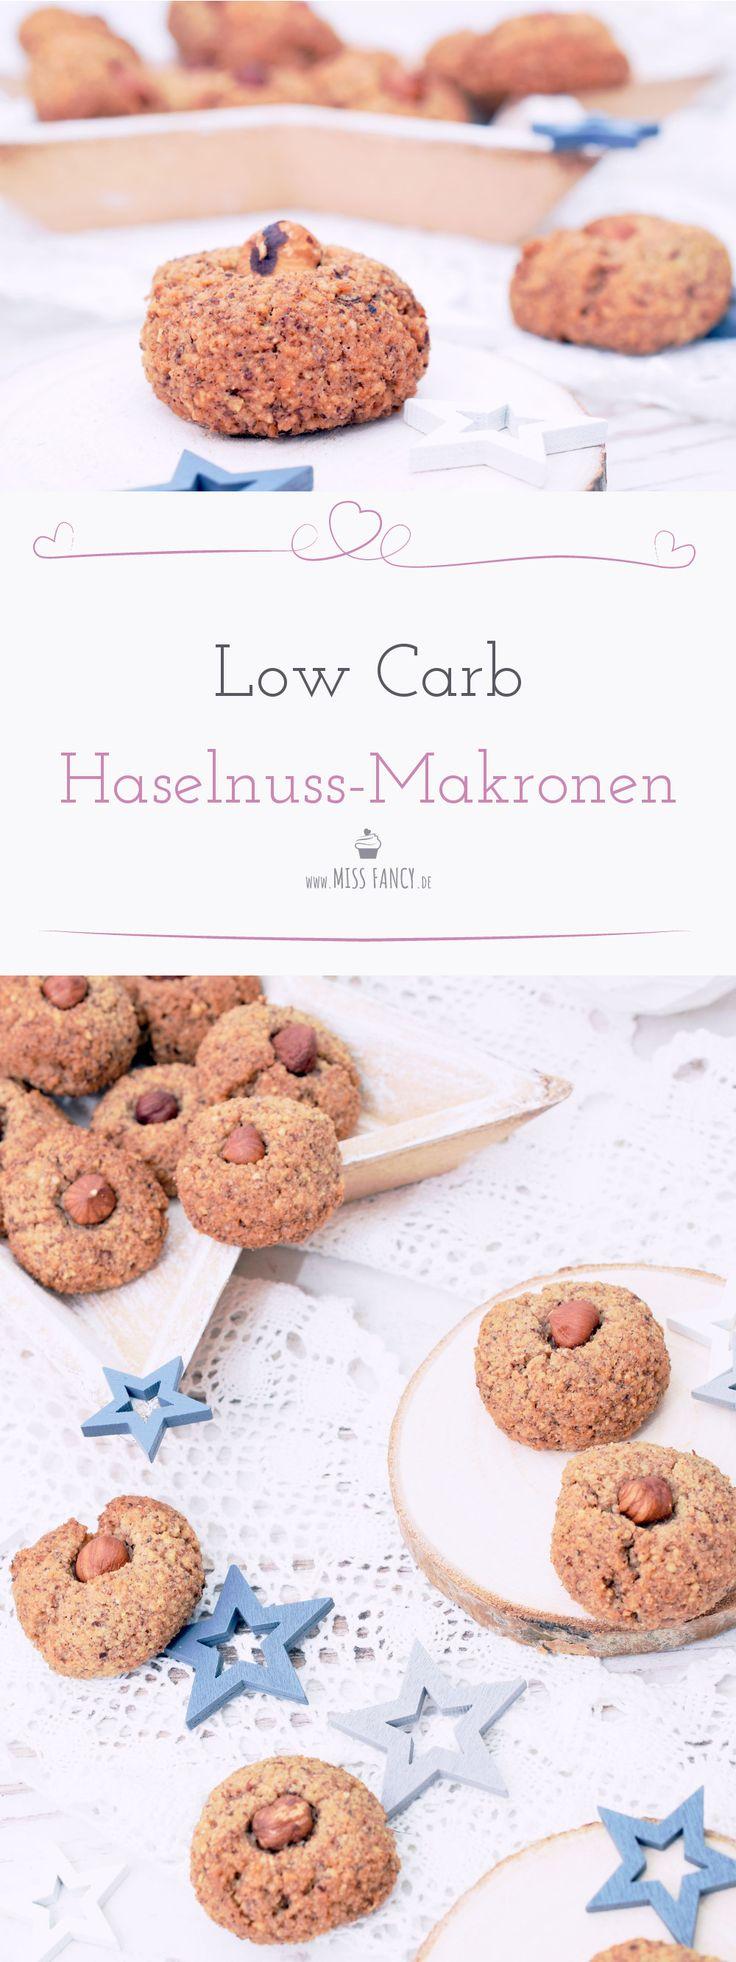 Das Low Carb Haselnussmakronen so lecker sein können, hätte ich nie gedacht. Hier ist das Rezept für dich! #lowcarb #lowcarbgebäck #Makronen